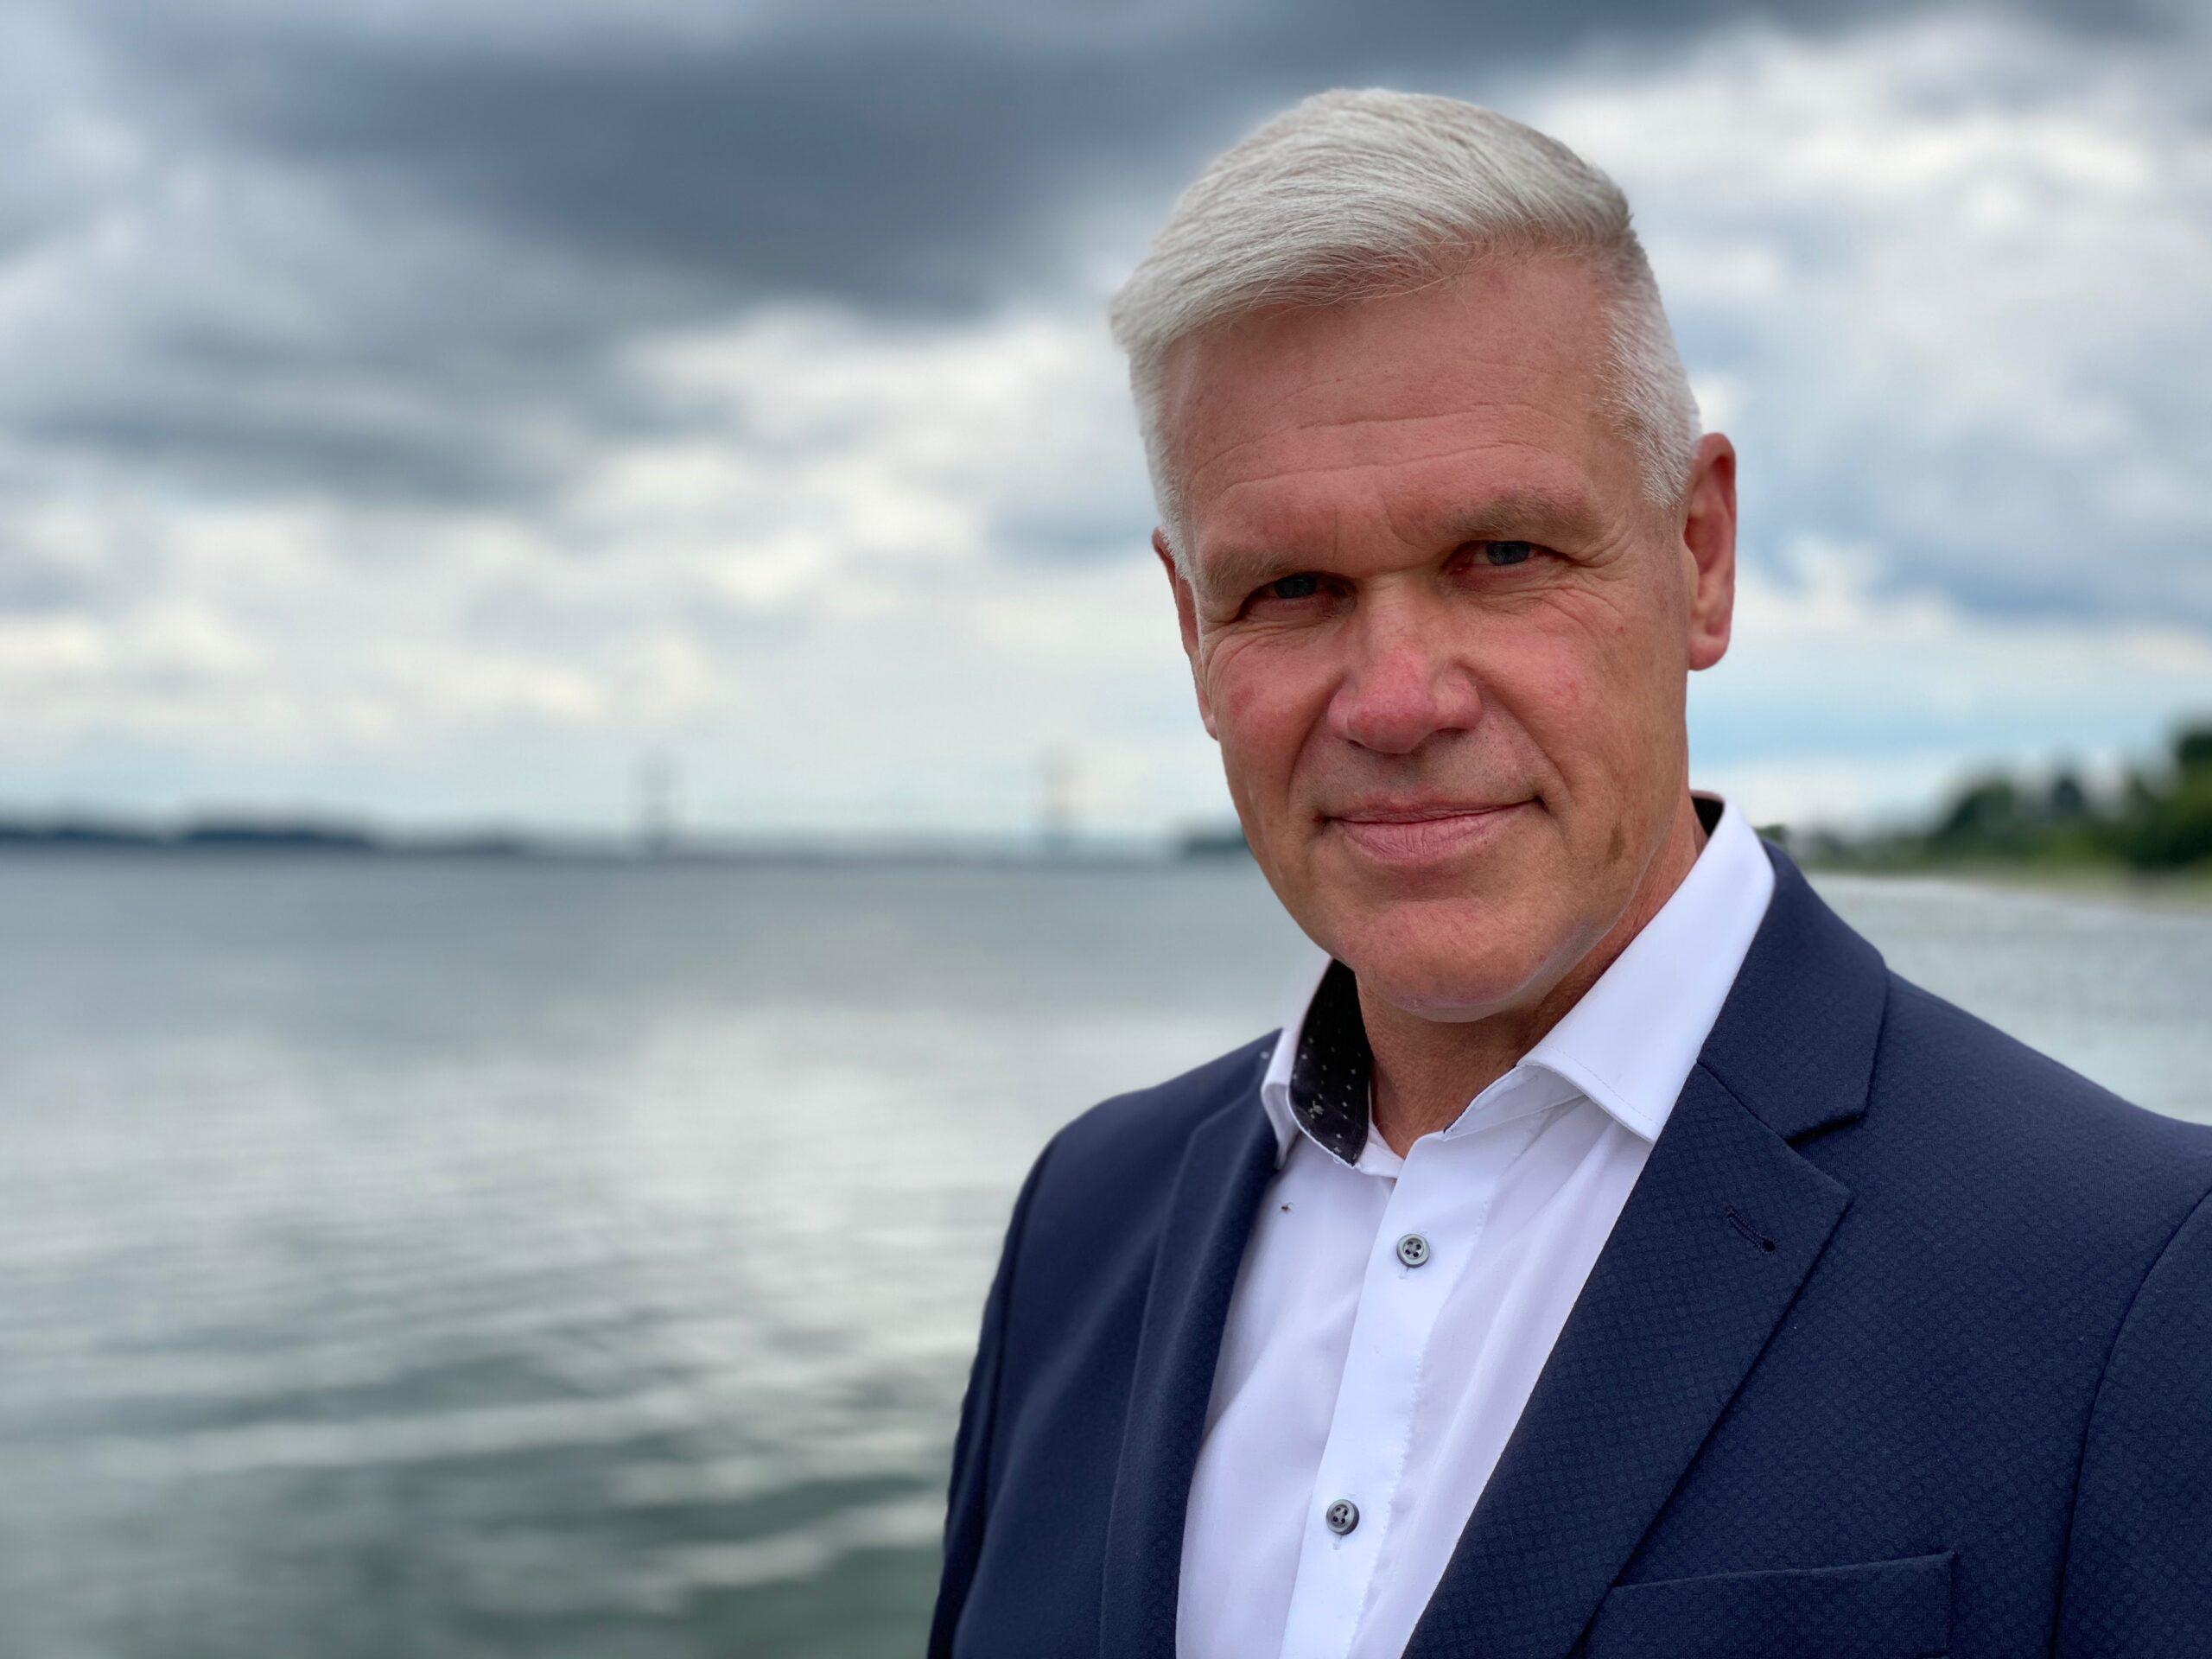 SE TV-INDSLAG: Nye Borgerlige er indtrådt i Fredericia Byråd